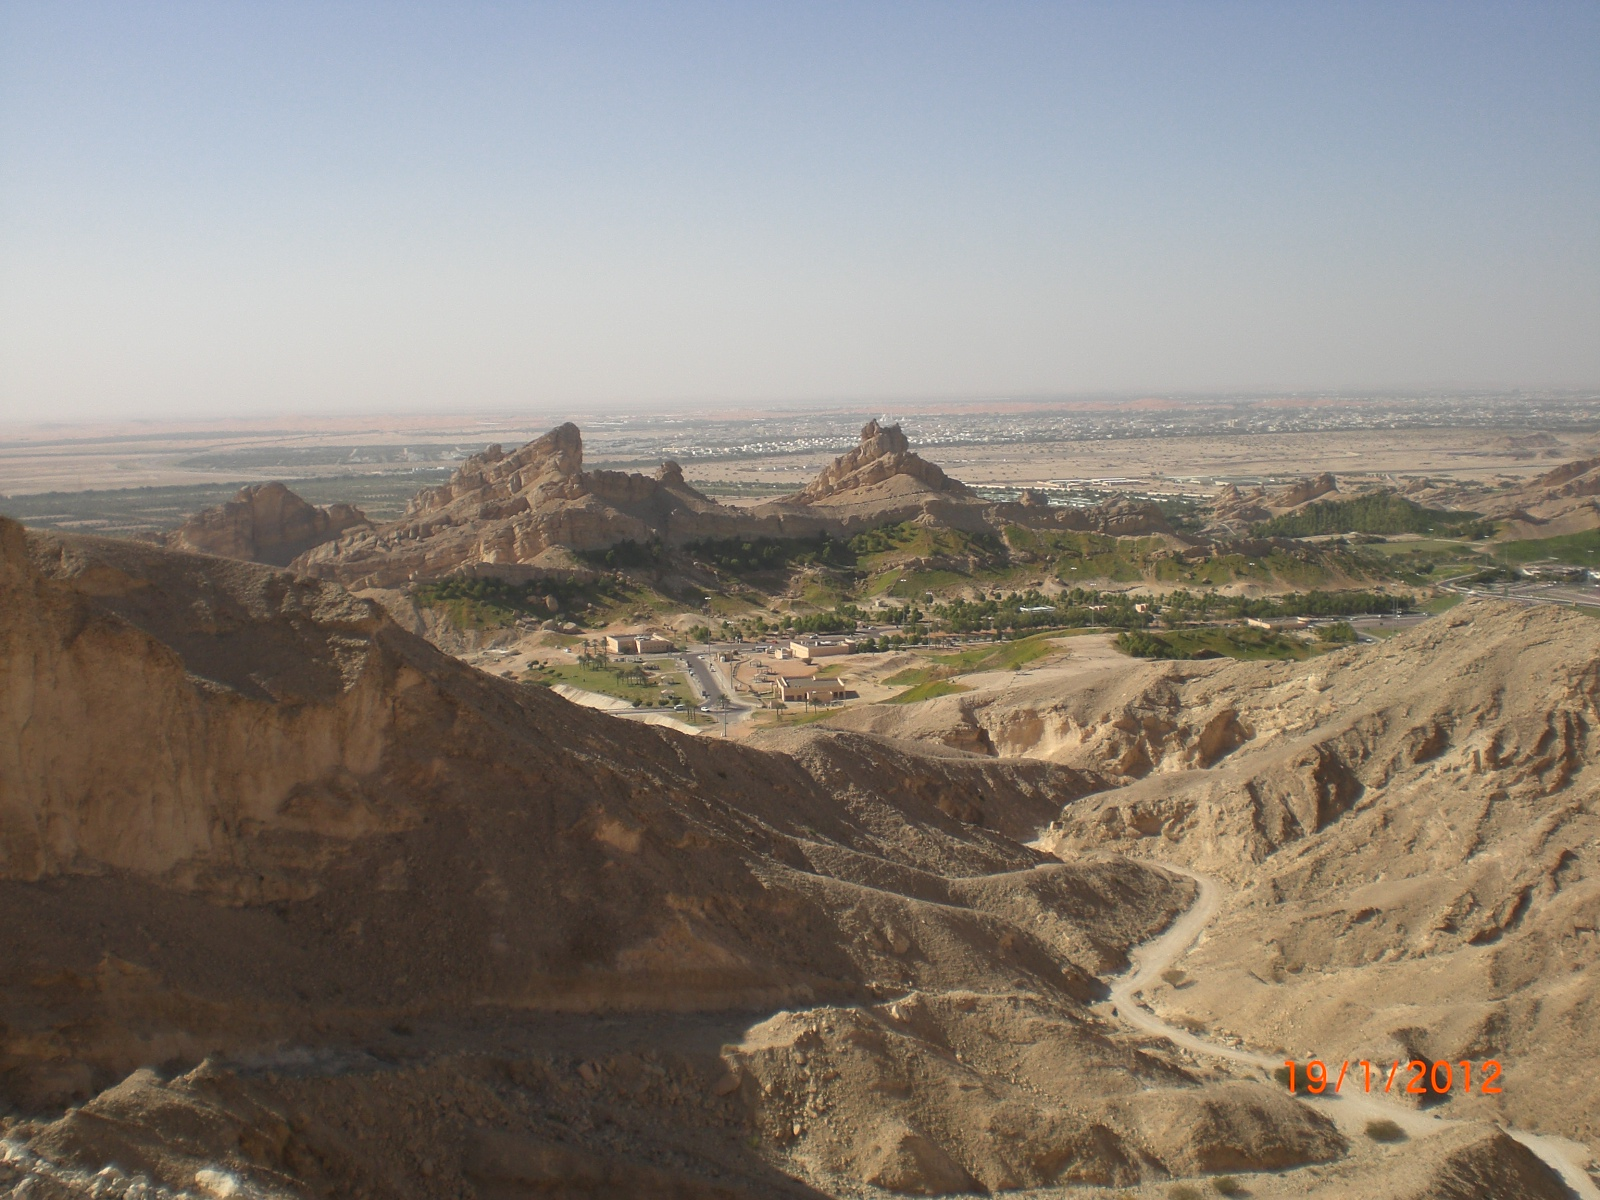 Vu Jebel Hafeet